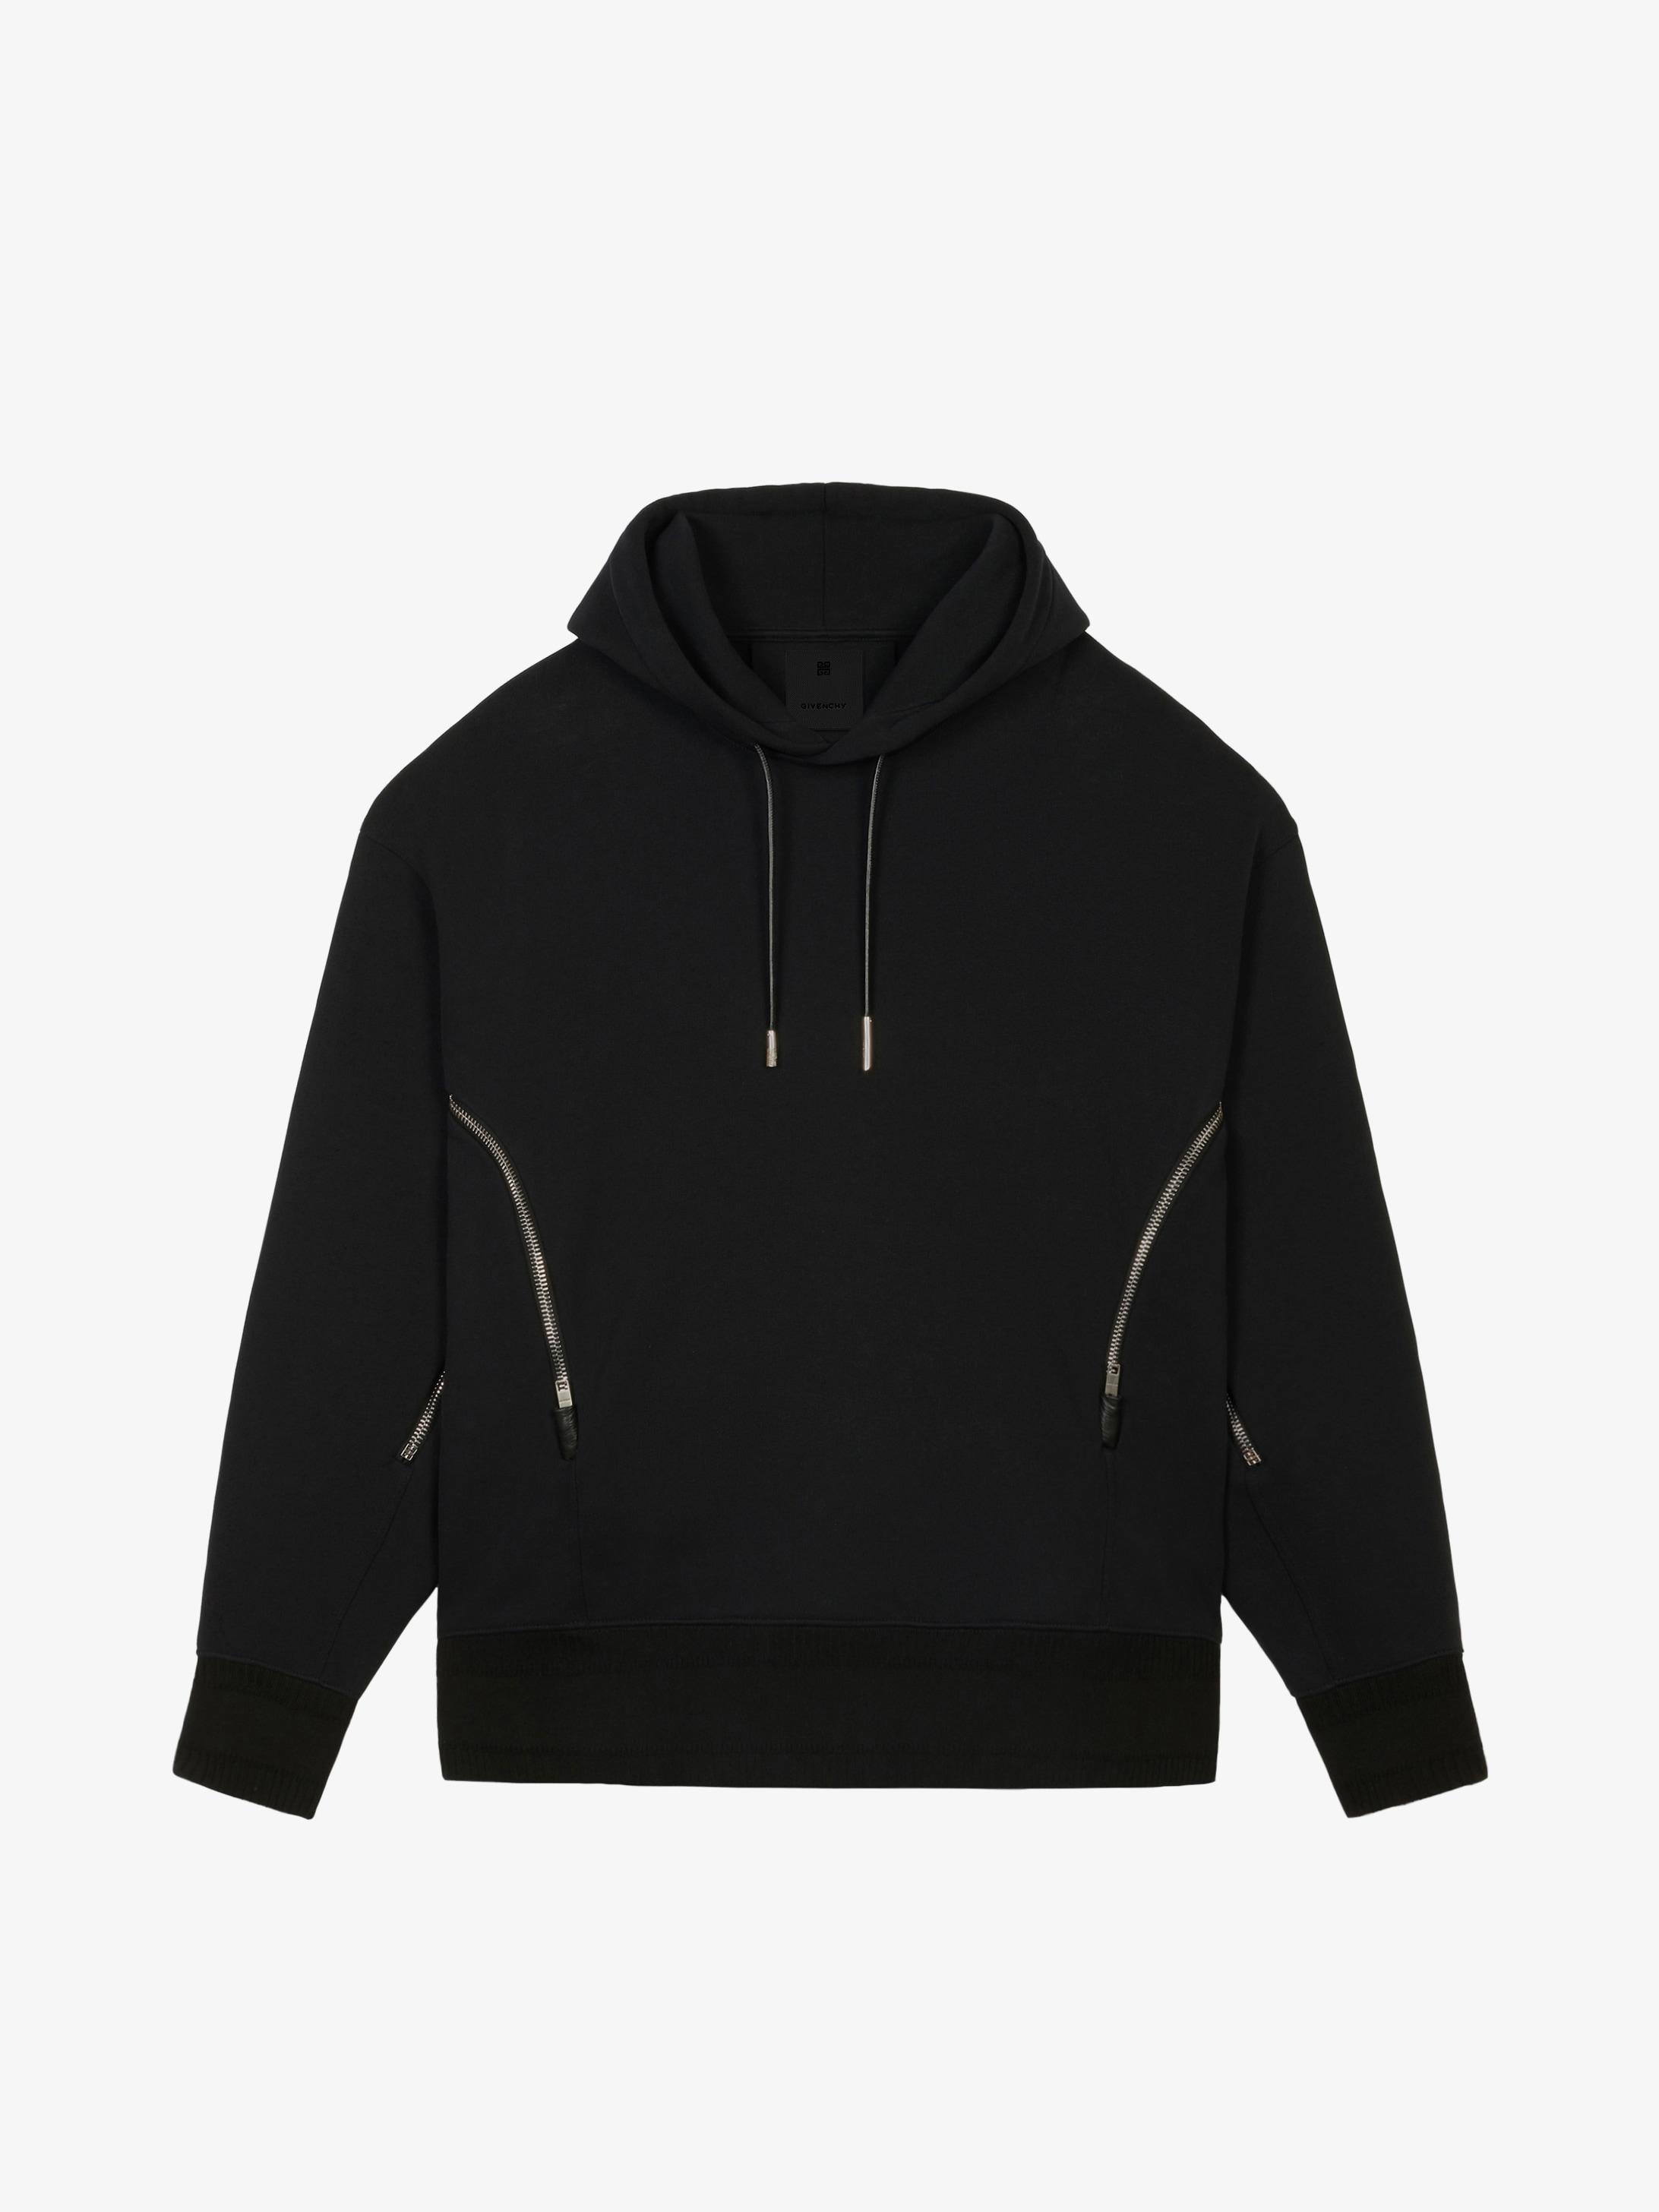 Oversized hoodie with zips